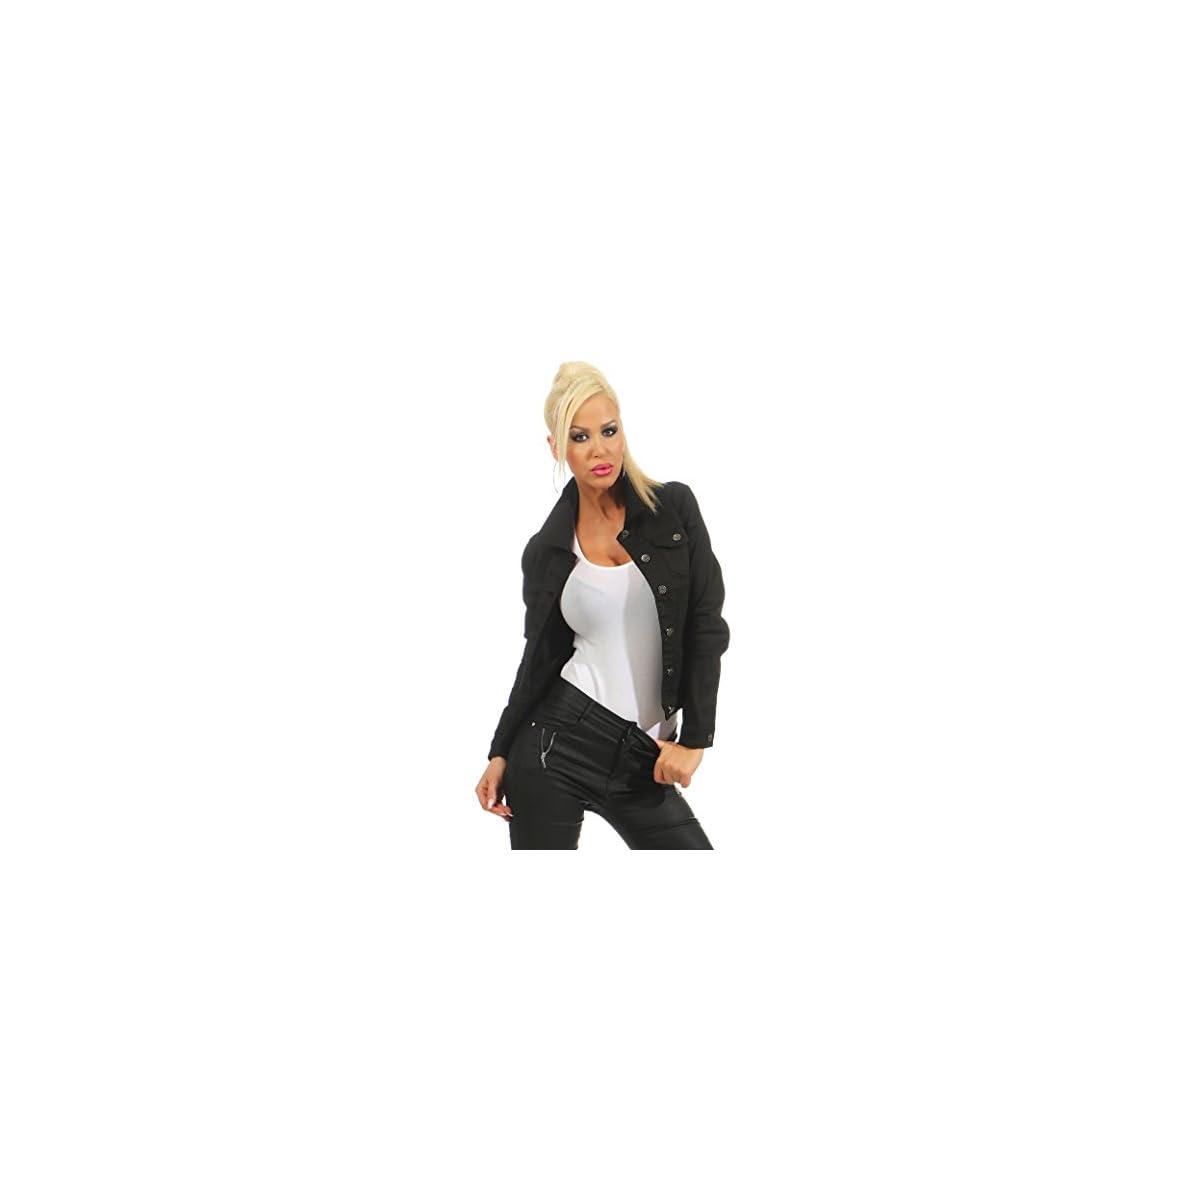 Fashion4Young 11287 Damen Jeansjacke Damenjacke Jeans Jacke schwarz